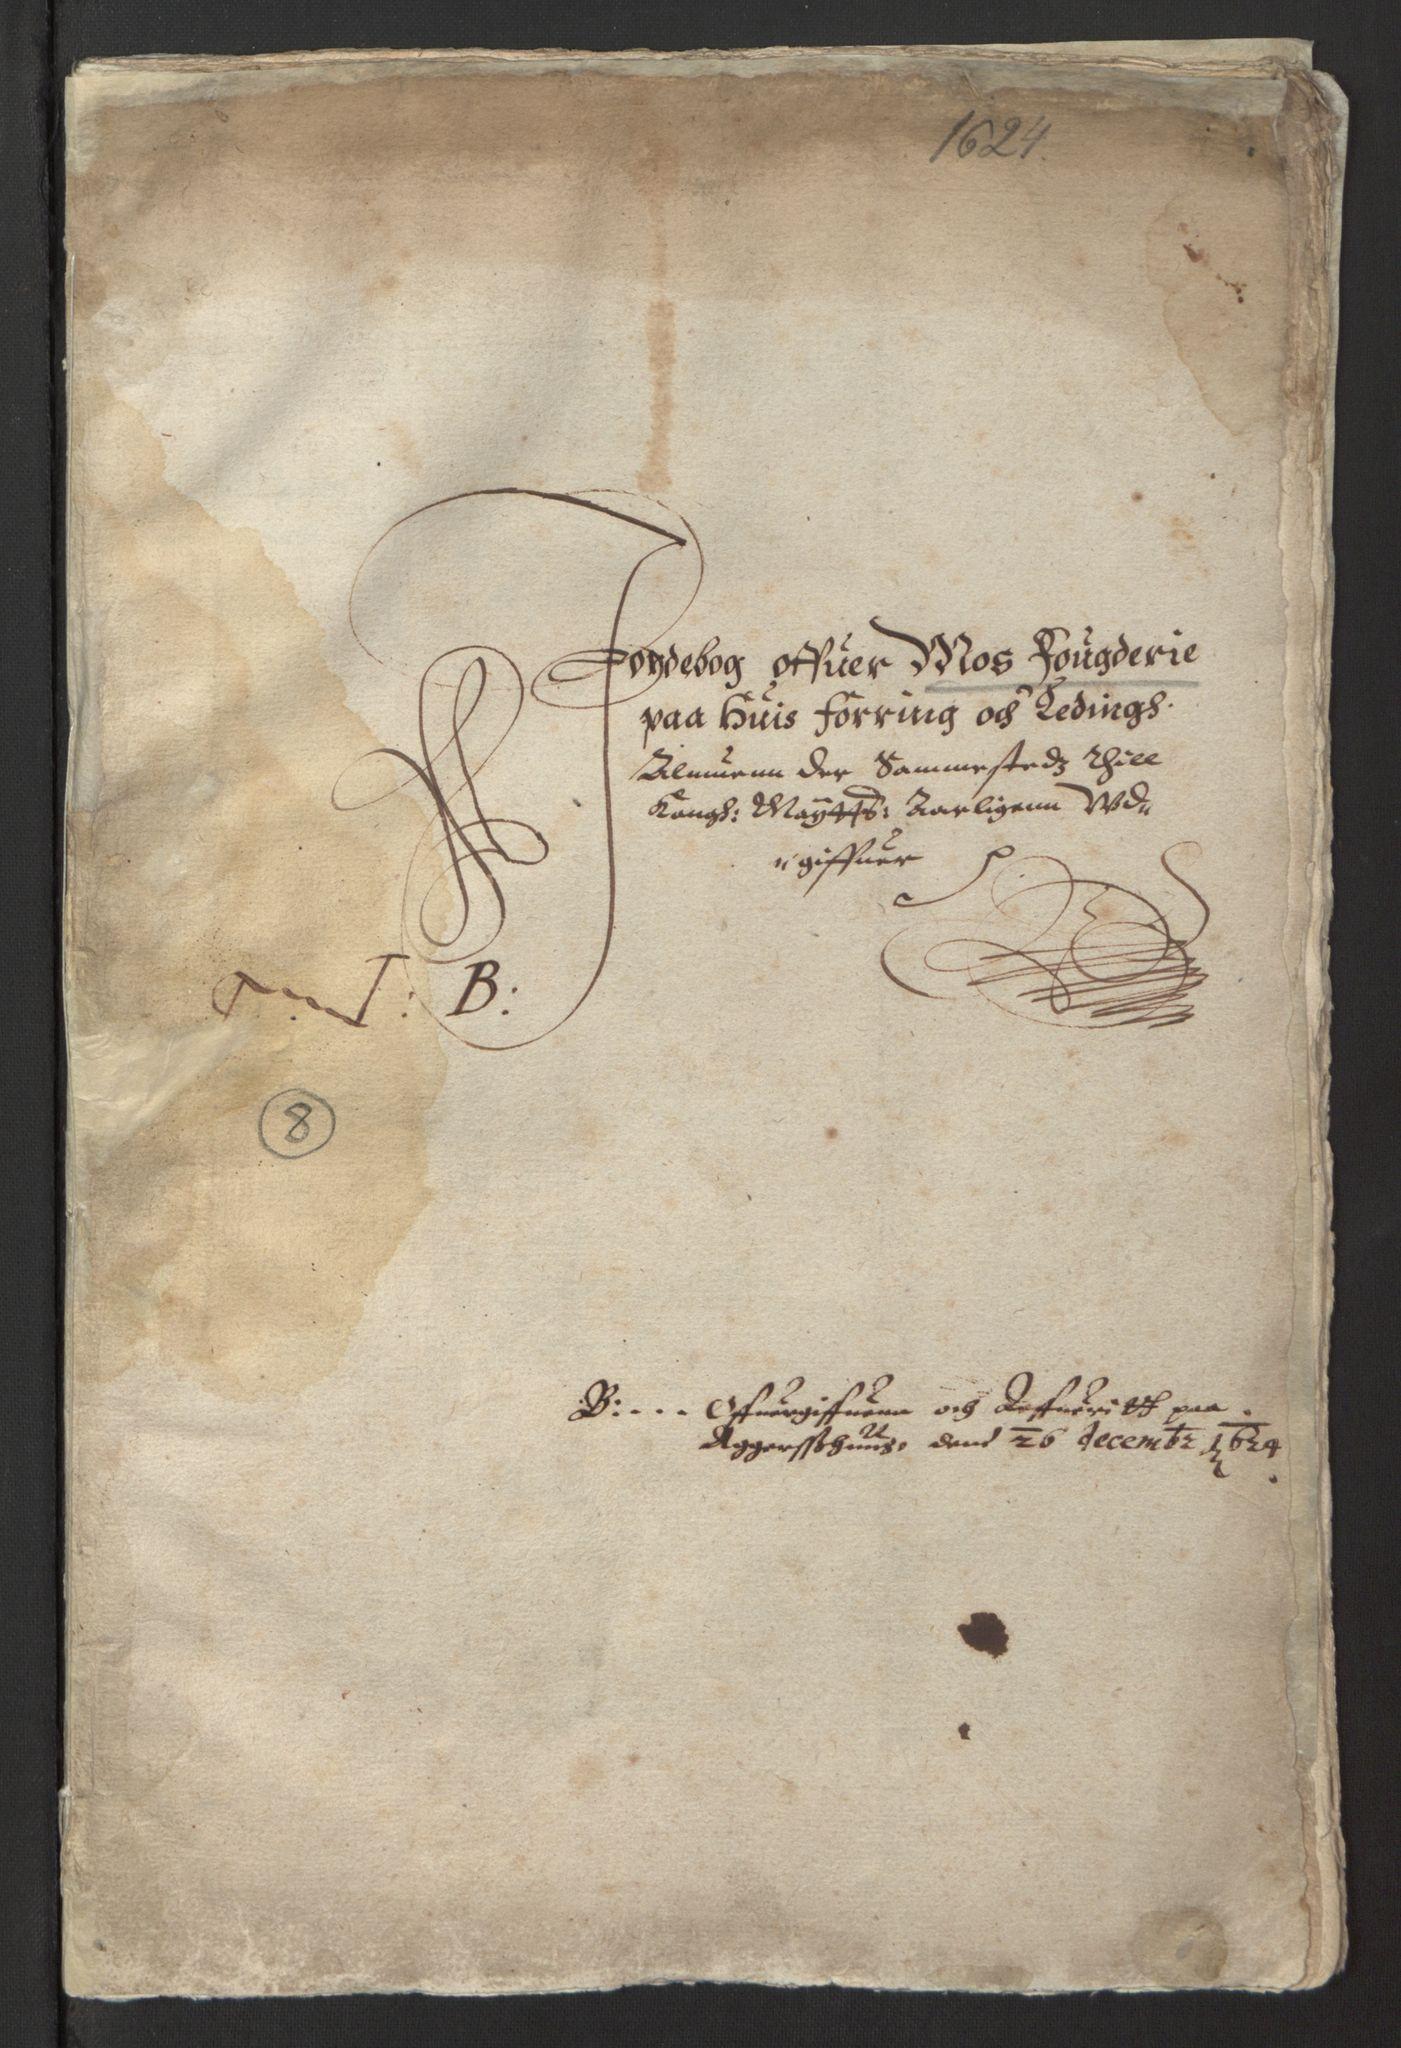 RA, Stattholderembetet 1572-1771, Ek/L0001: Jordebøker før 1624 og til utligning av garnisonsskatt 1624-1626:, 1624-1625, s. 183